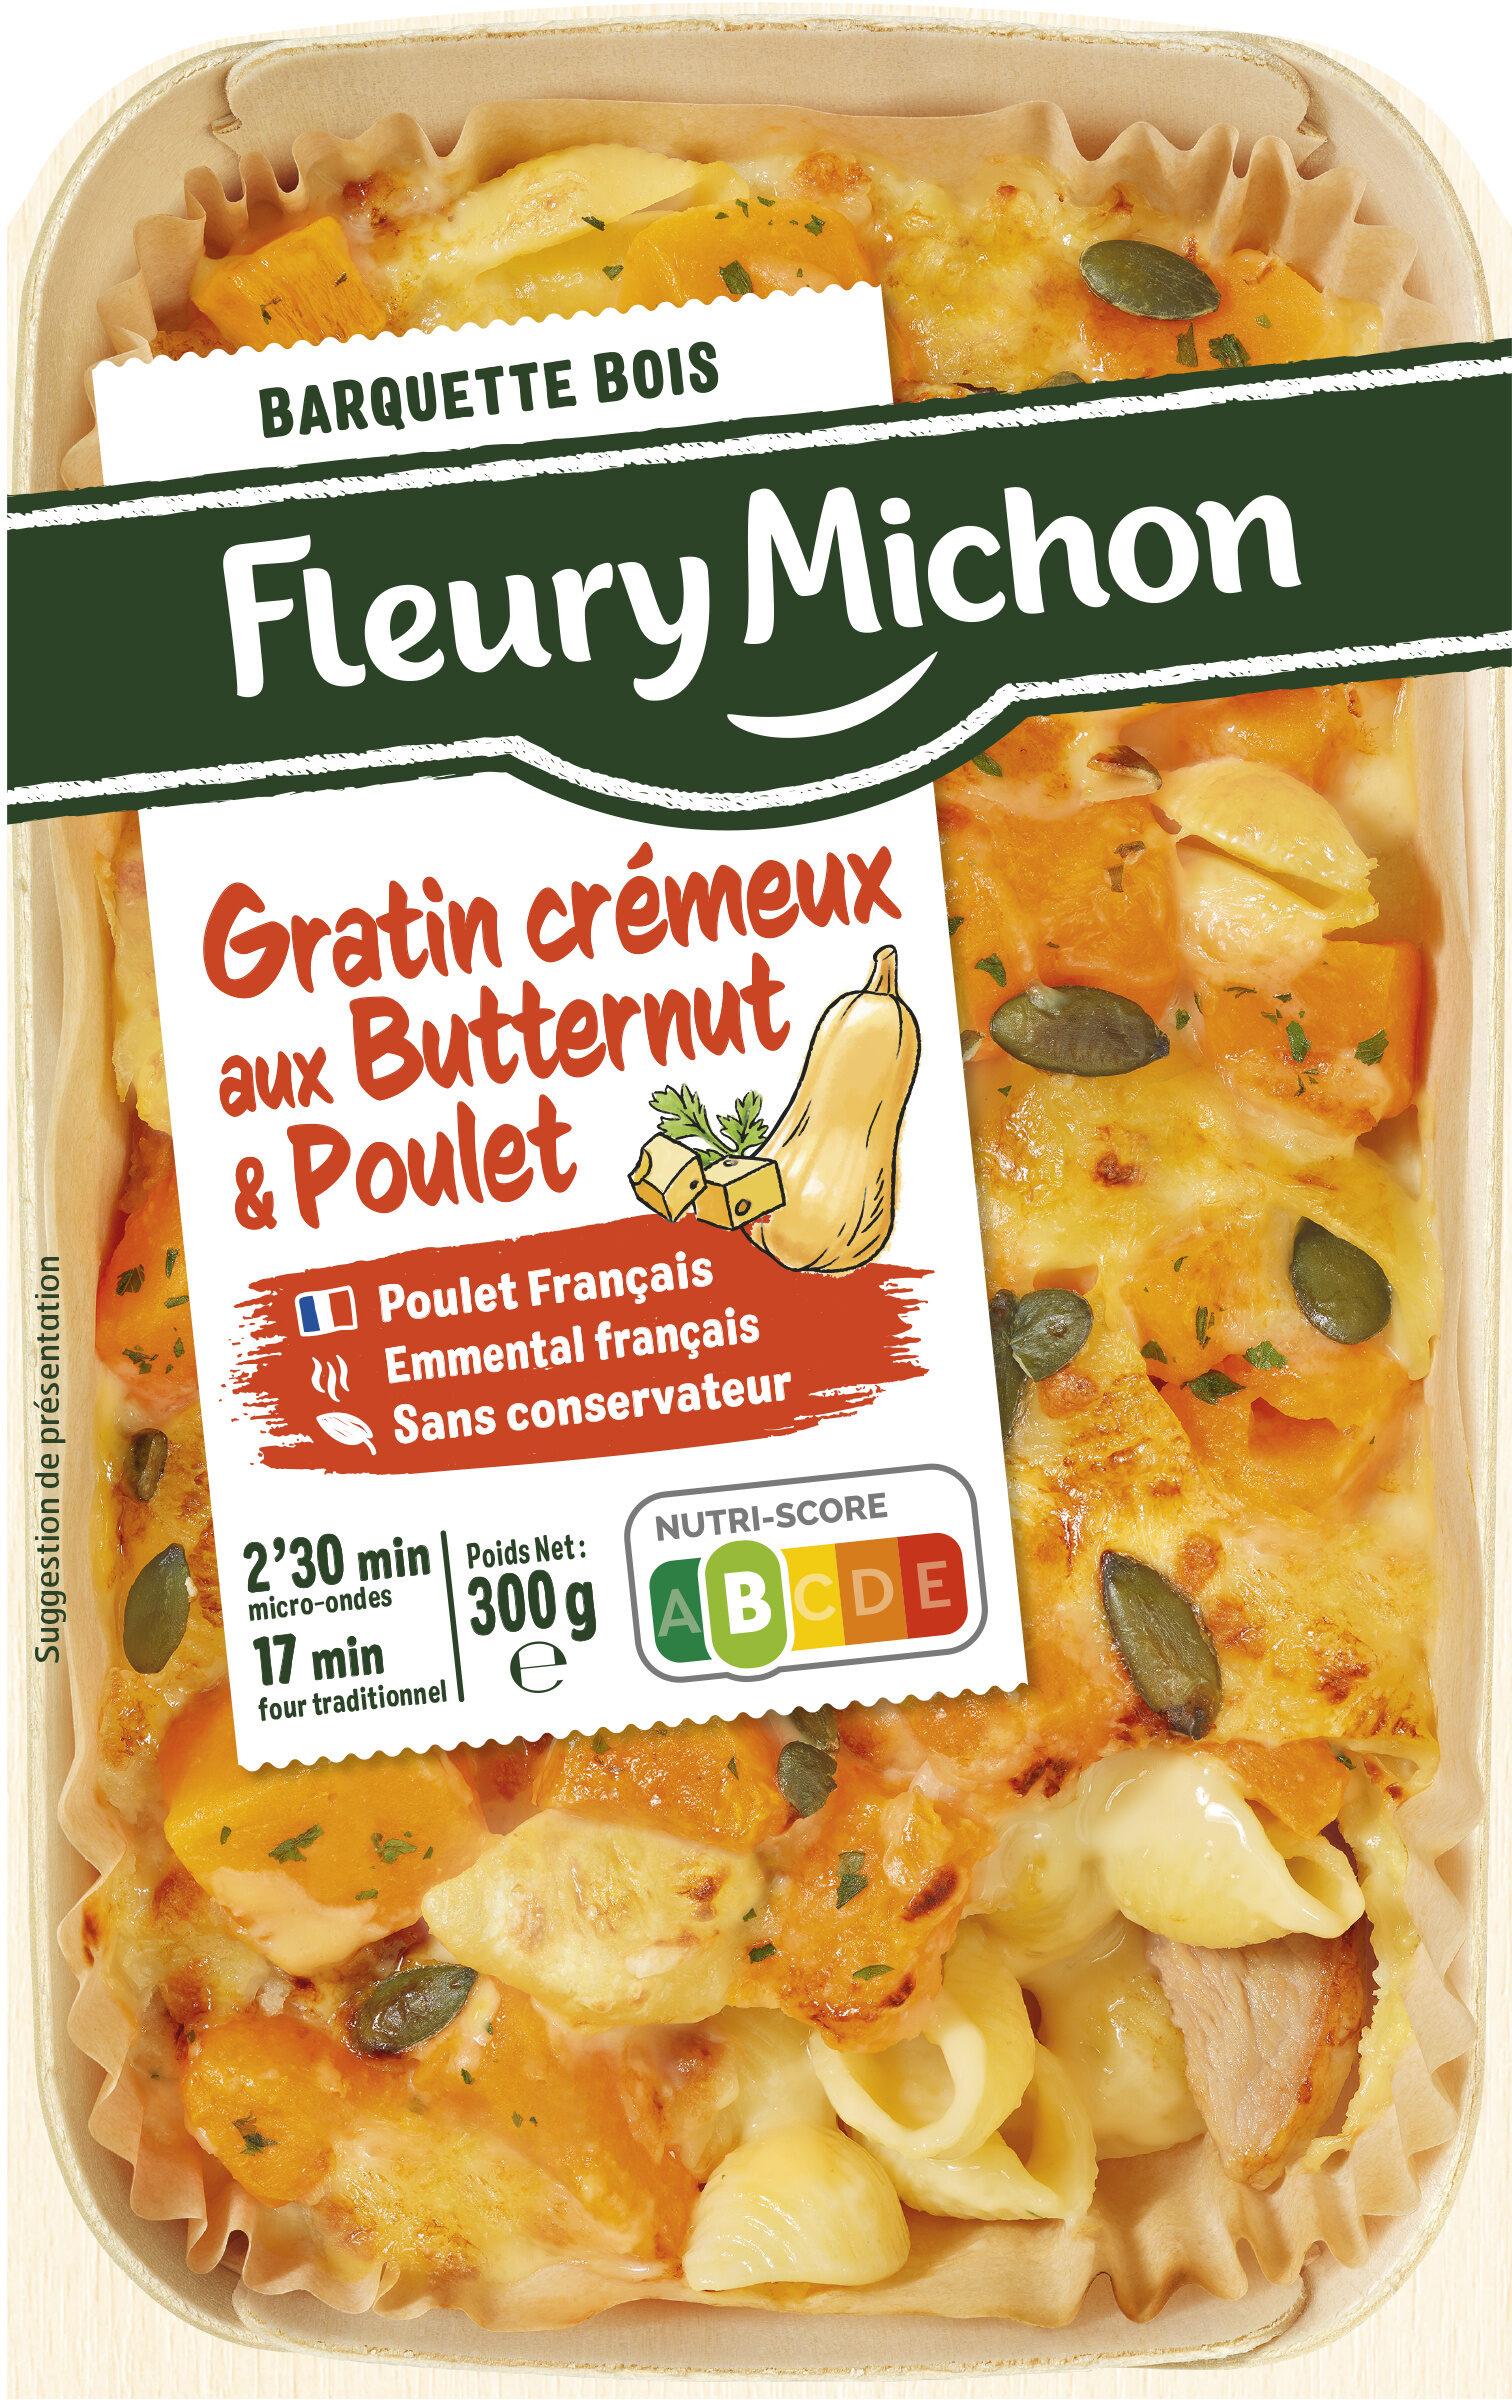 Gratin crémeux aux butternut & poulet - Product